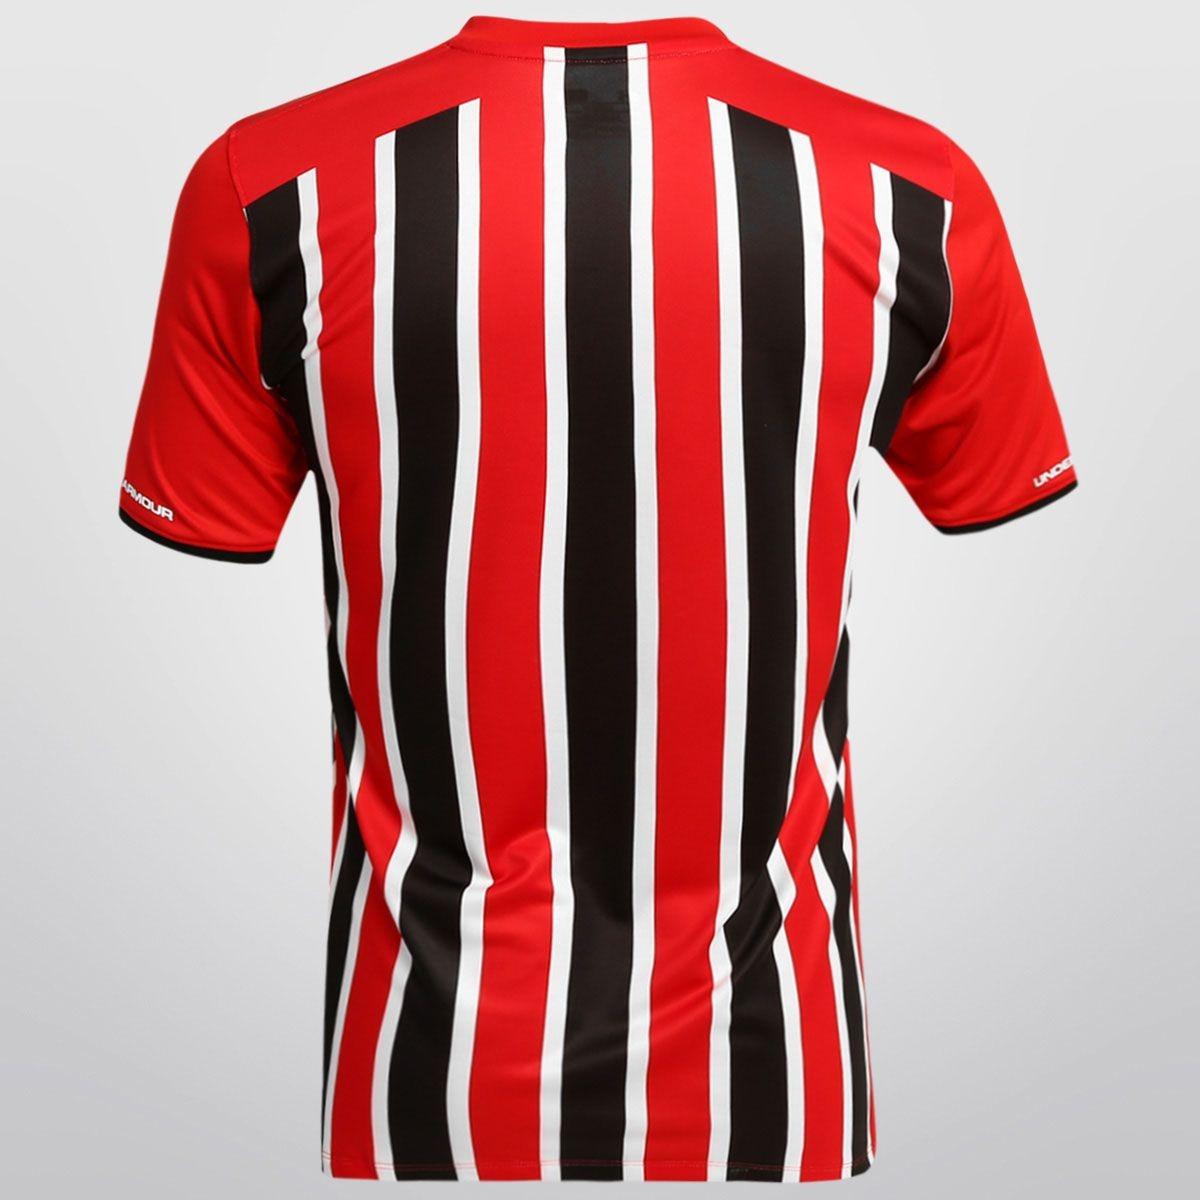 50a0c6099 kit c  2 camisas são paulo under armor 1 e 2 15 16 s. Carregando zoom.